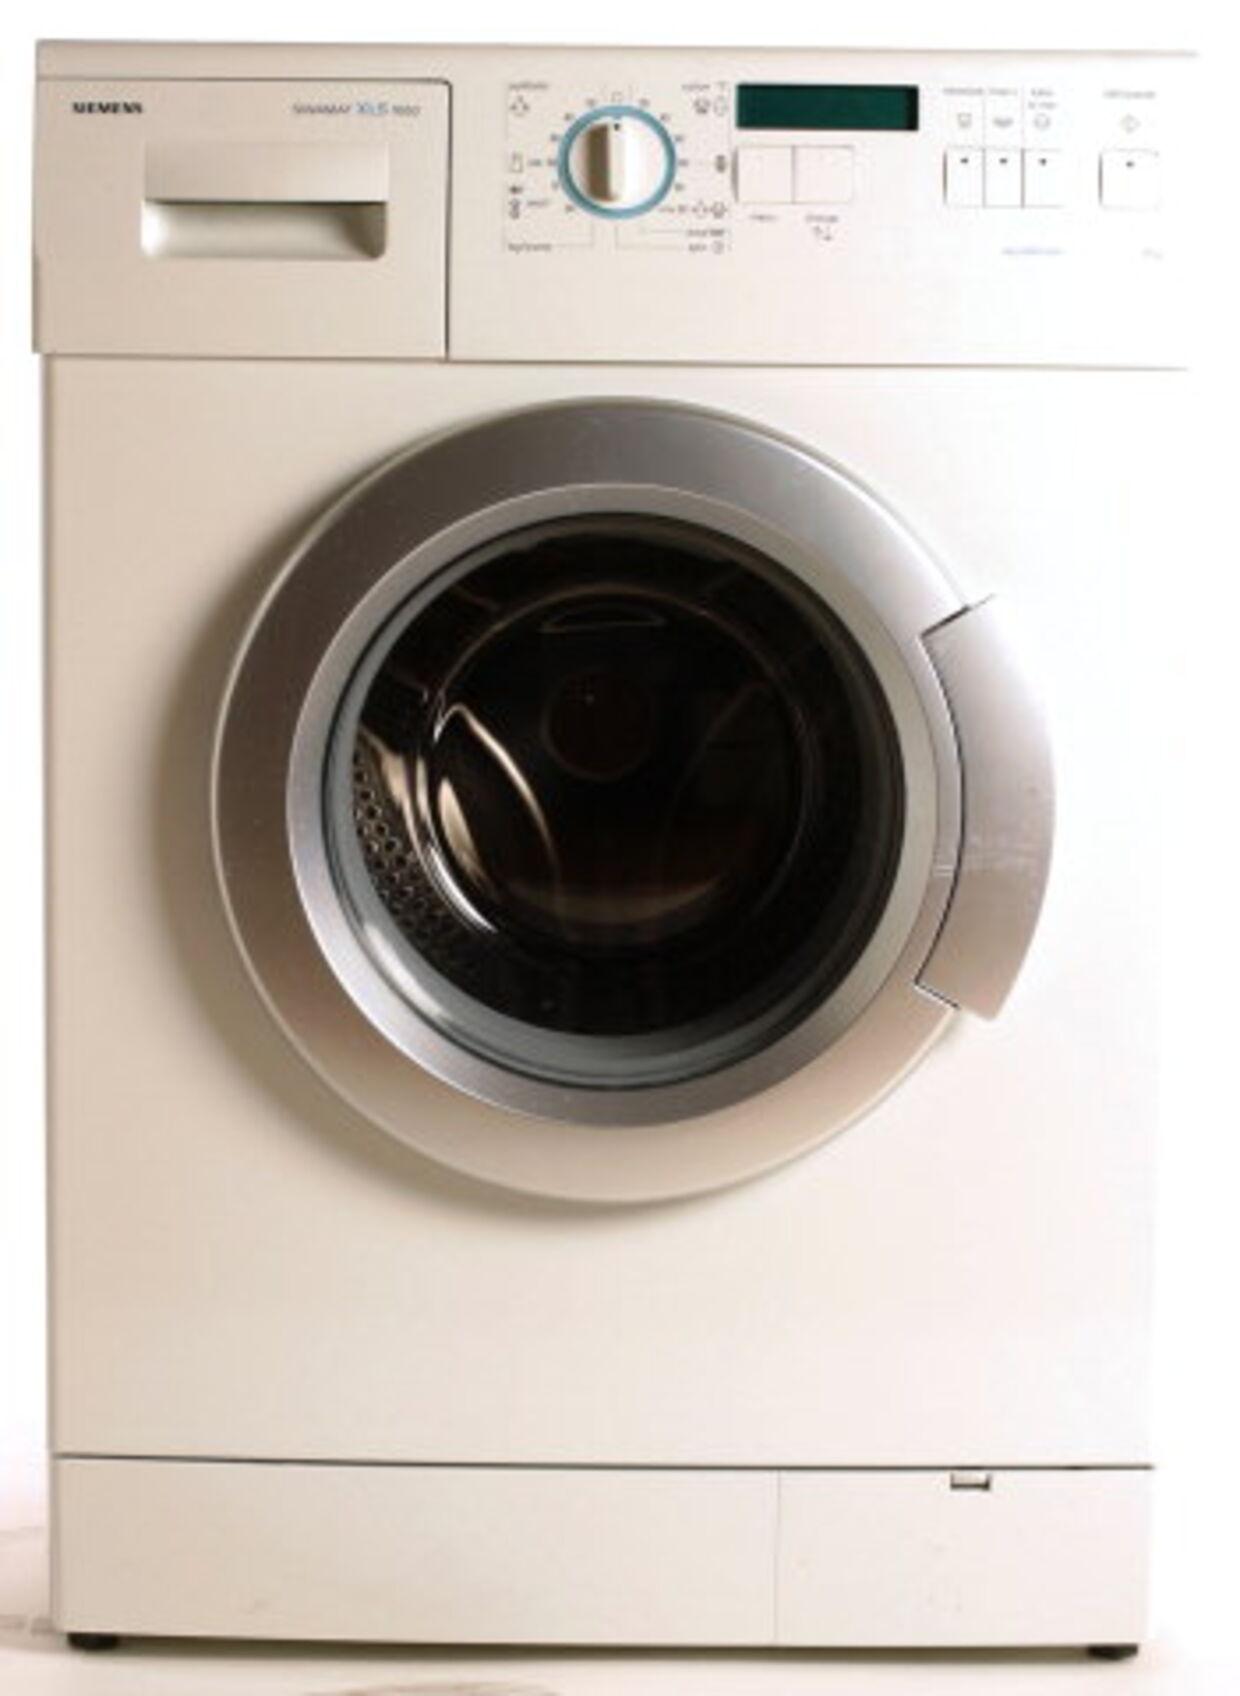 Siemens WXLS 1650 EU: Rummer seks kilo tøj. Angivet restfugt: 44 pct. Målt restfugt: 46 pct. Fordel: Børnesikring. Ulempe: Betjeningspanel med engelsk tekst.